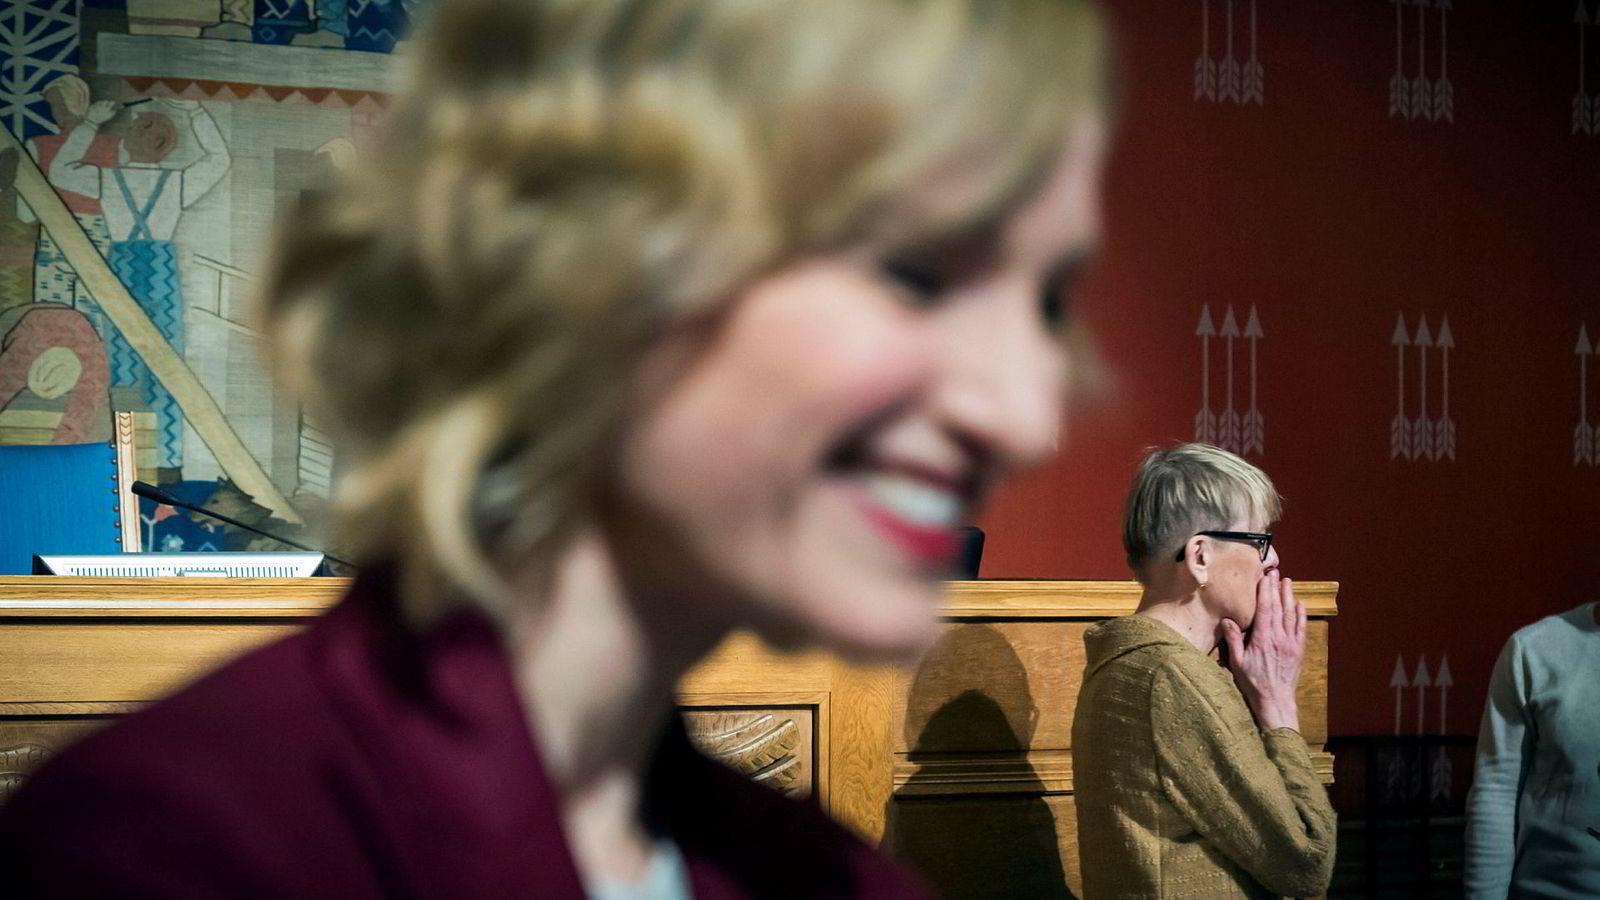 Ifølge Astrid Søgnen (fra høyre) er hele saken som førte til at hun måtte gå av som utdannelsesdirektør, en ren konstruksjon fra Inga Marte Thorkildsens side. Her under torsdagens høring i Oslo bystyre.